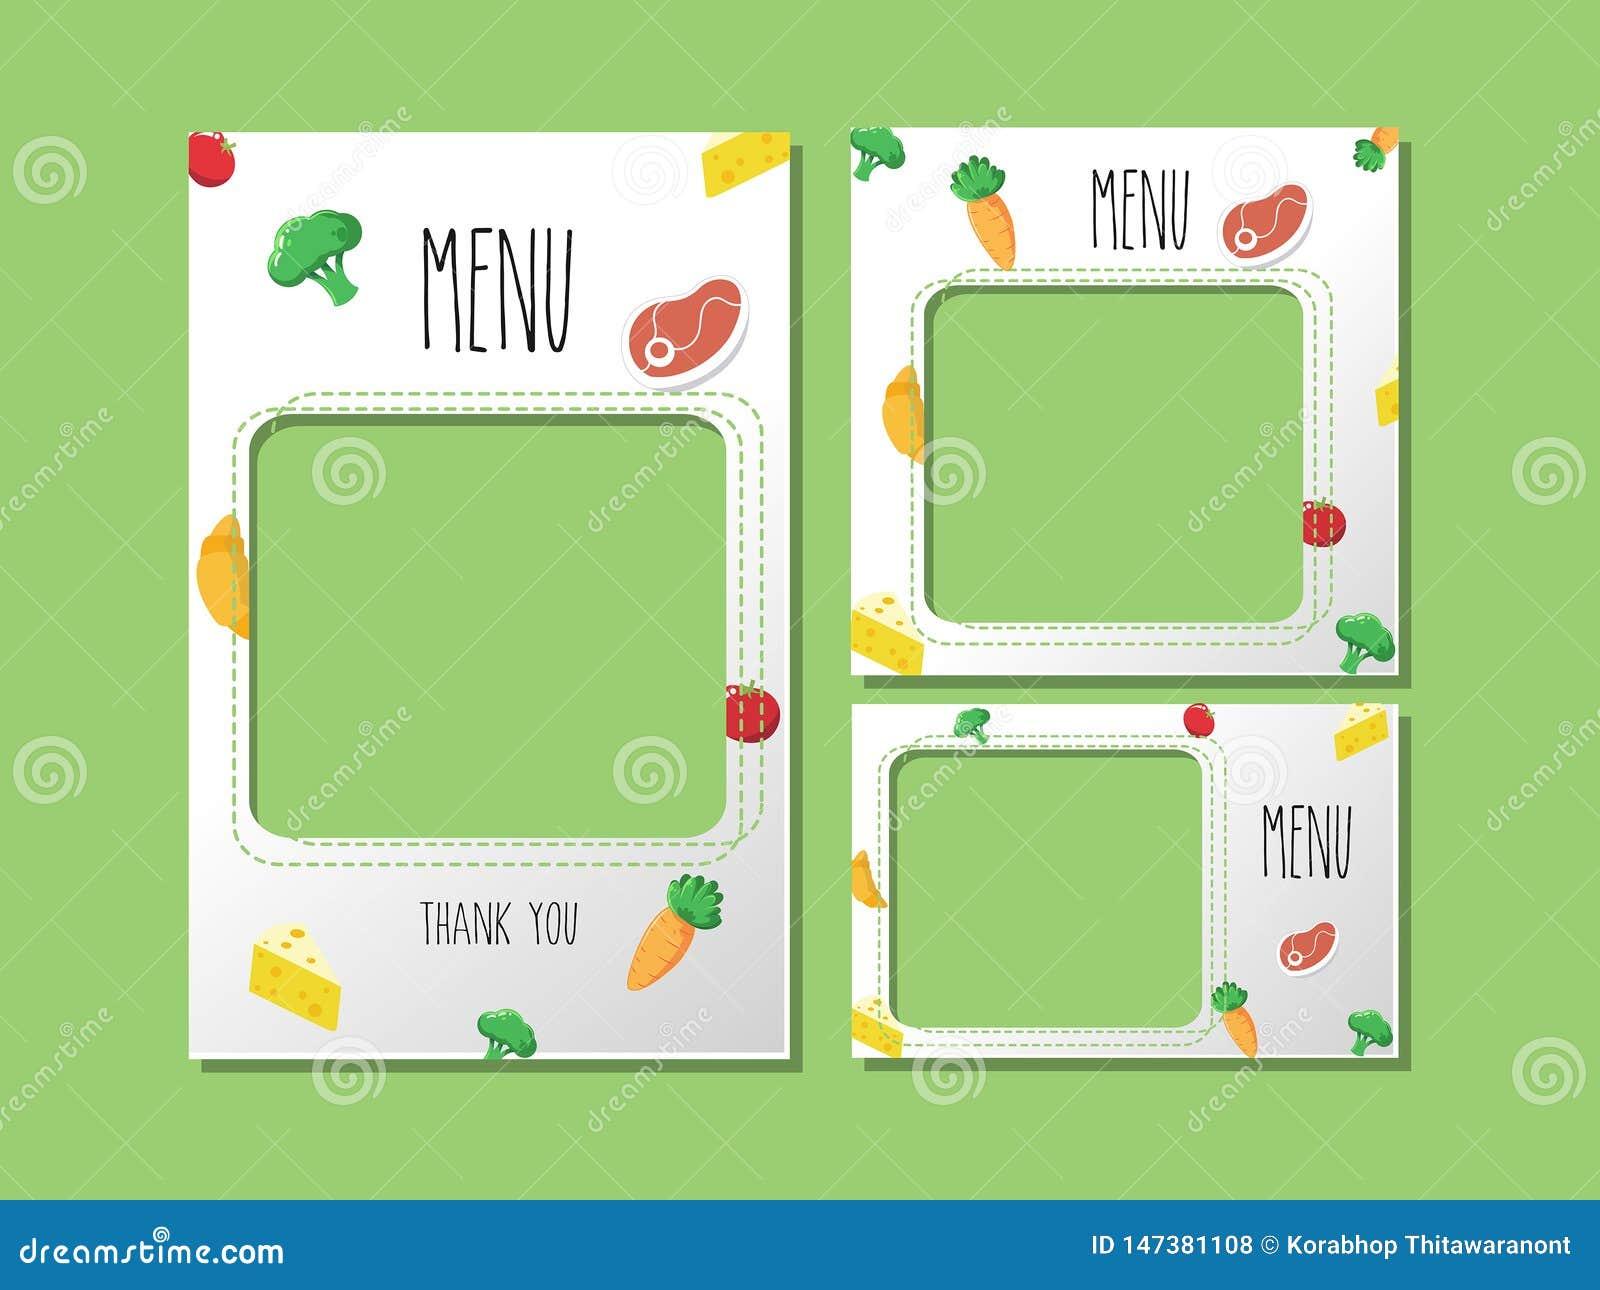 Banner food template Vegetables design art work.